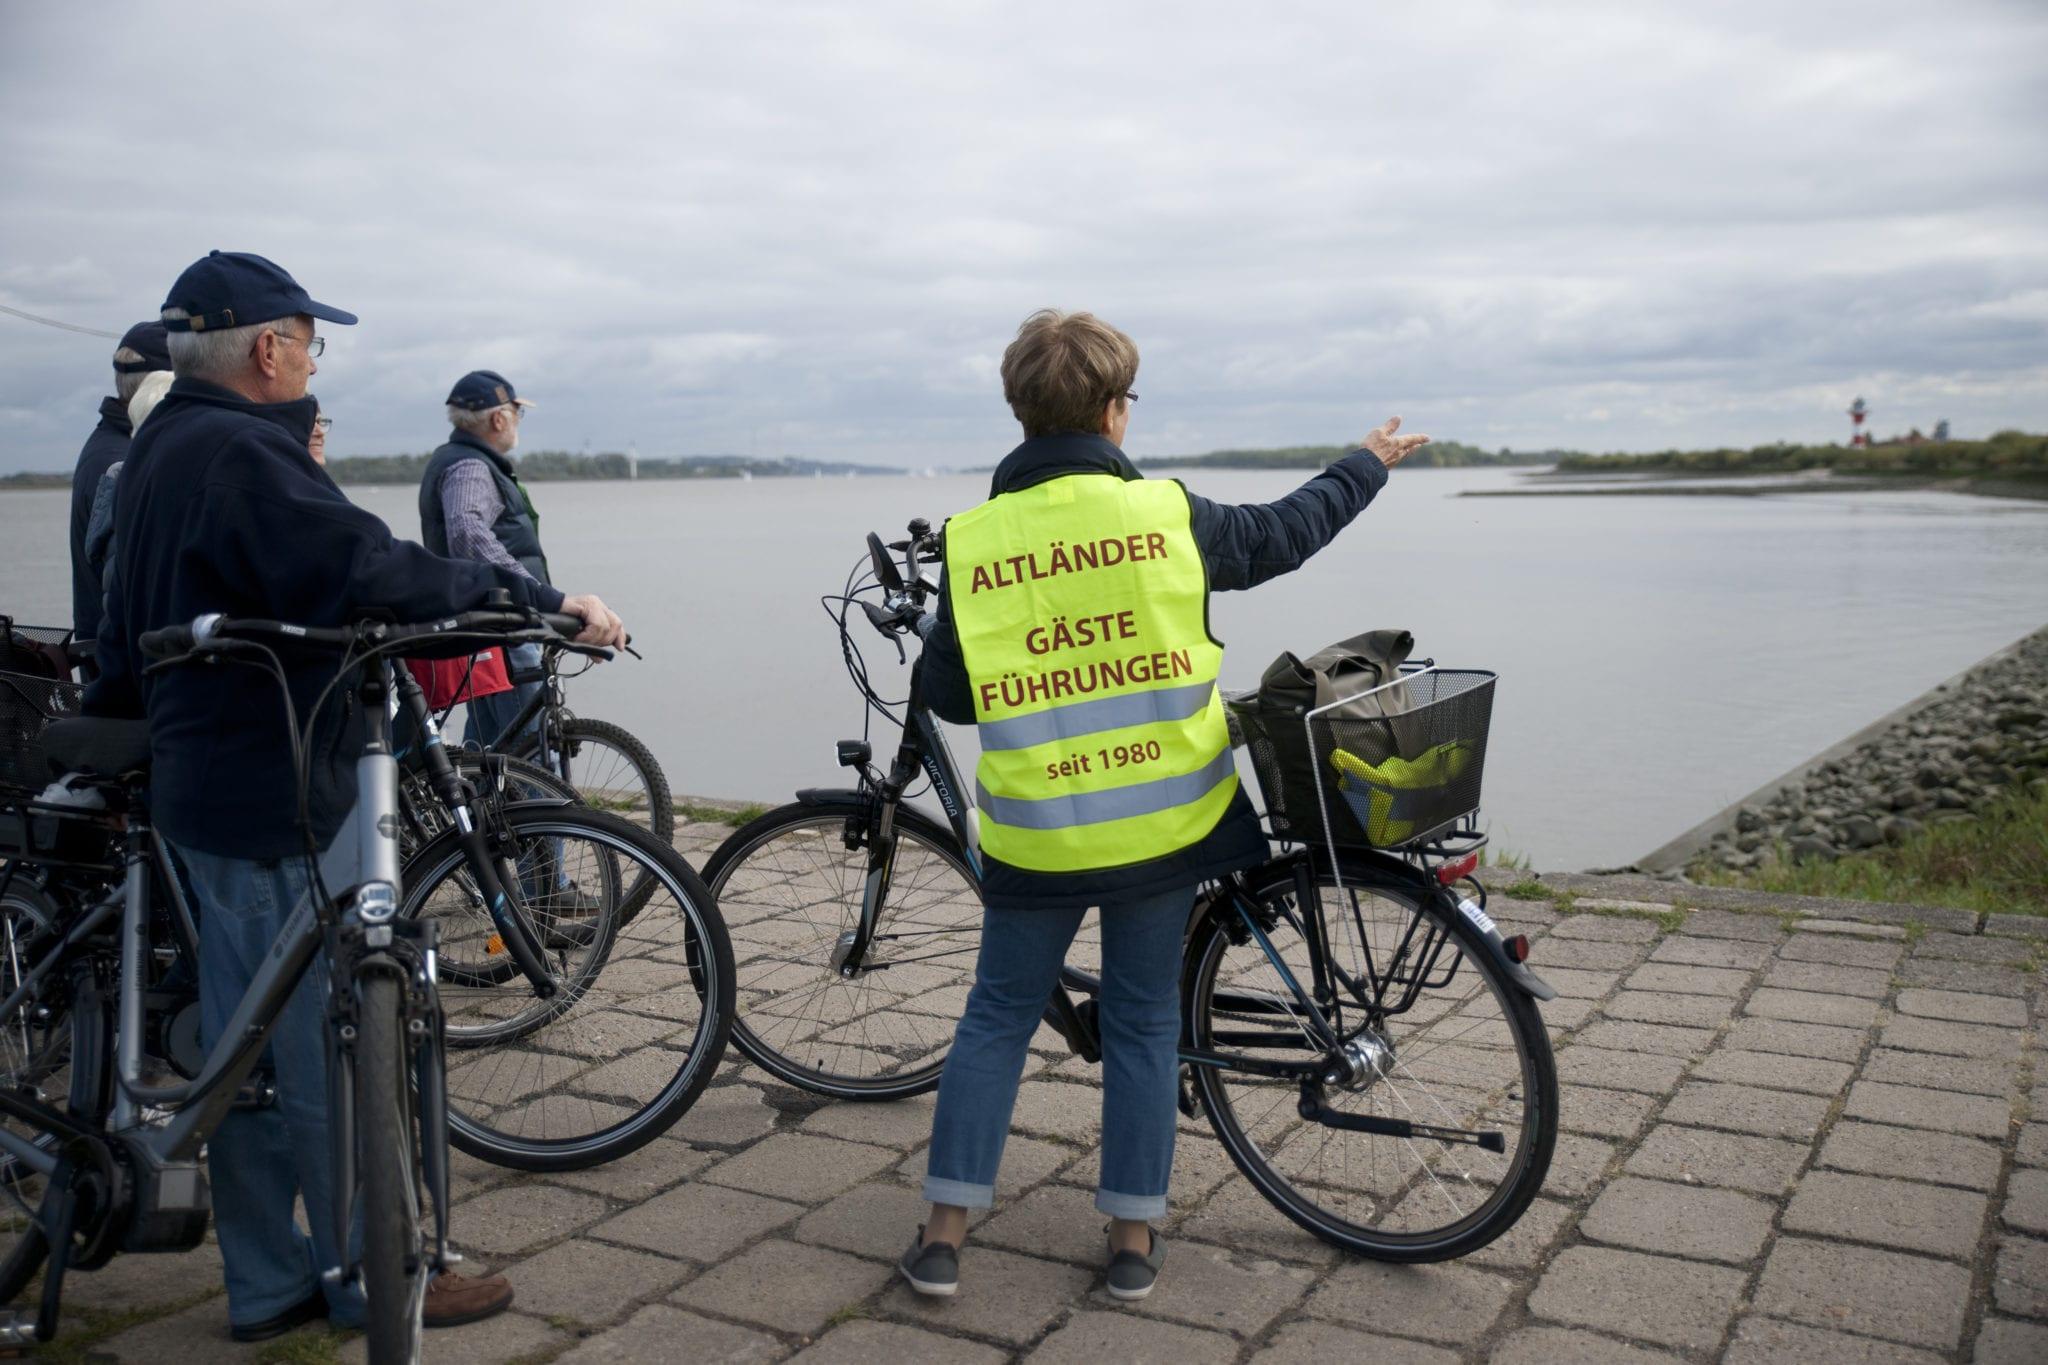 Altländer Gästeführung per Fahrrad